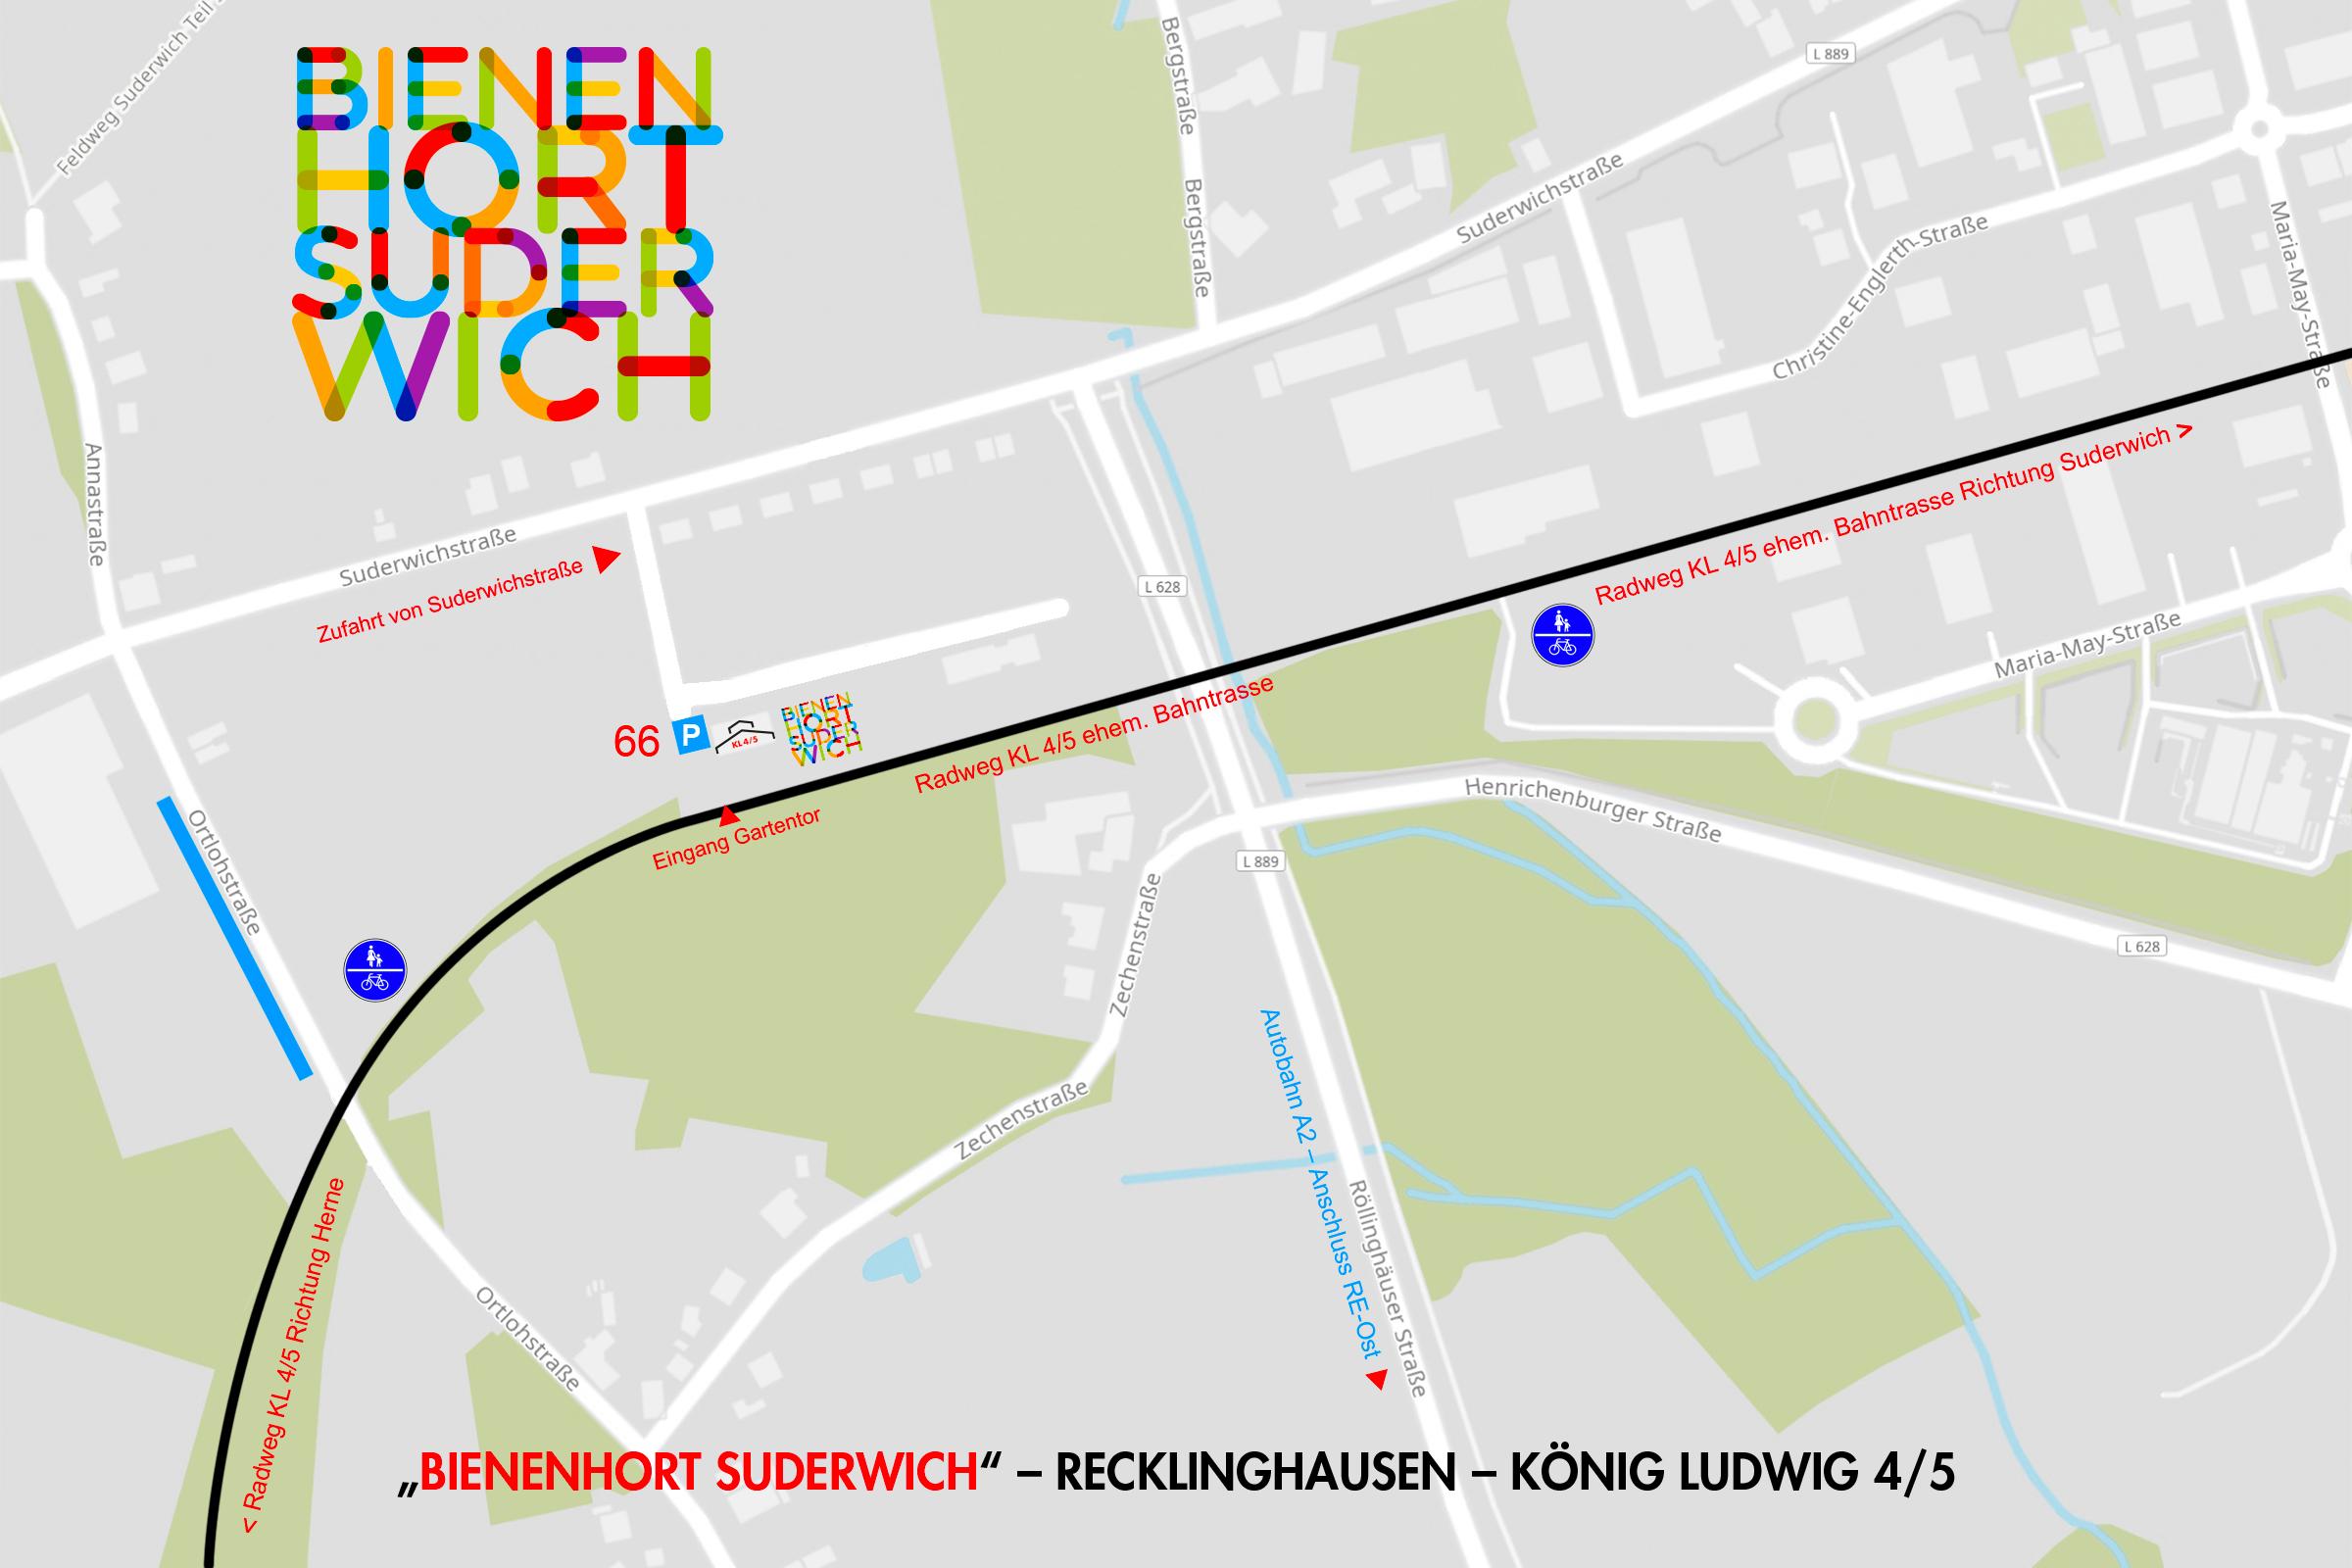 Lageplan Imkerei Bienenhort Suderwich Recklinghausen KL 4/5